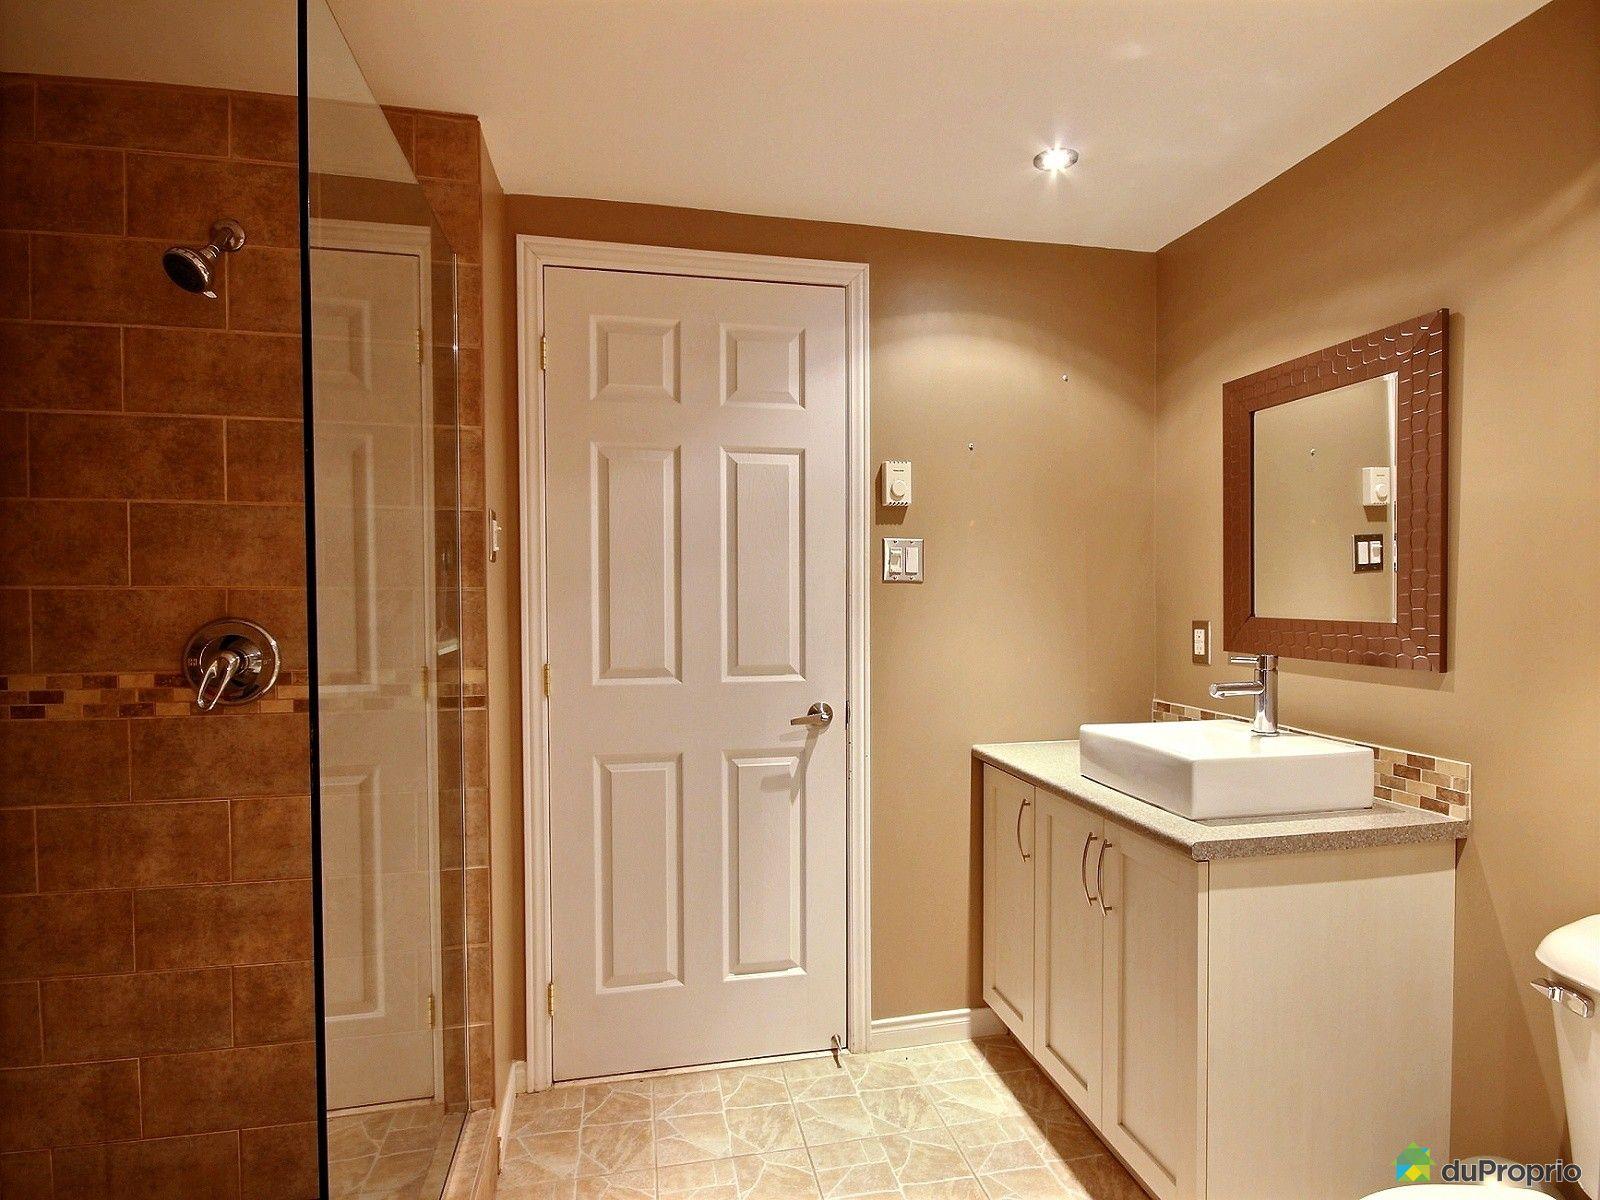 maison vendre mascouche 437 rue parent immobilier qu bec duproprio 576999. Black Bedroom Furniture Sets. Home Design Ideas